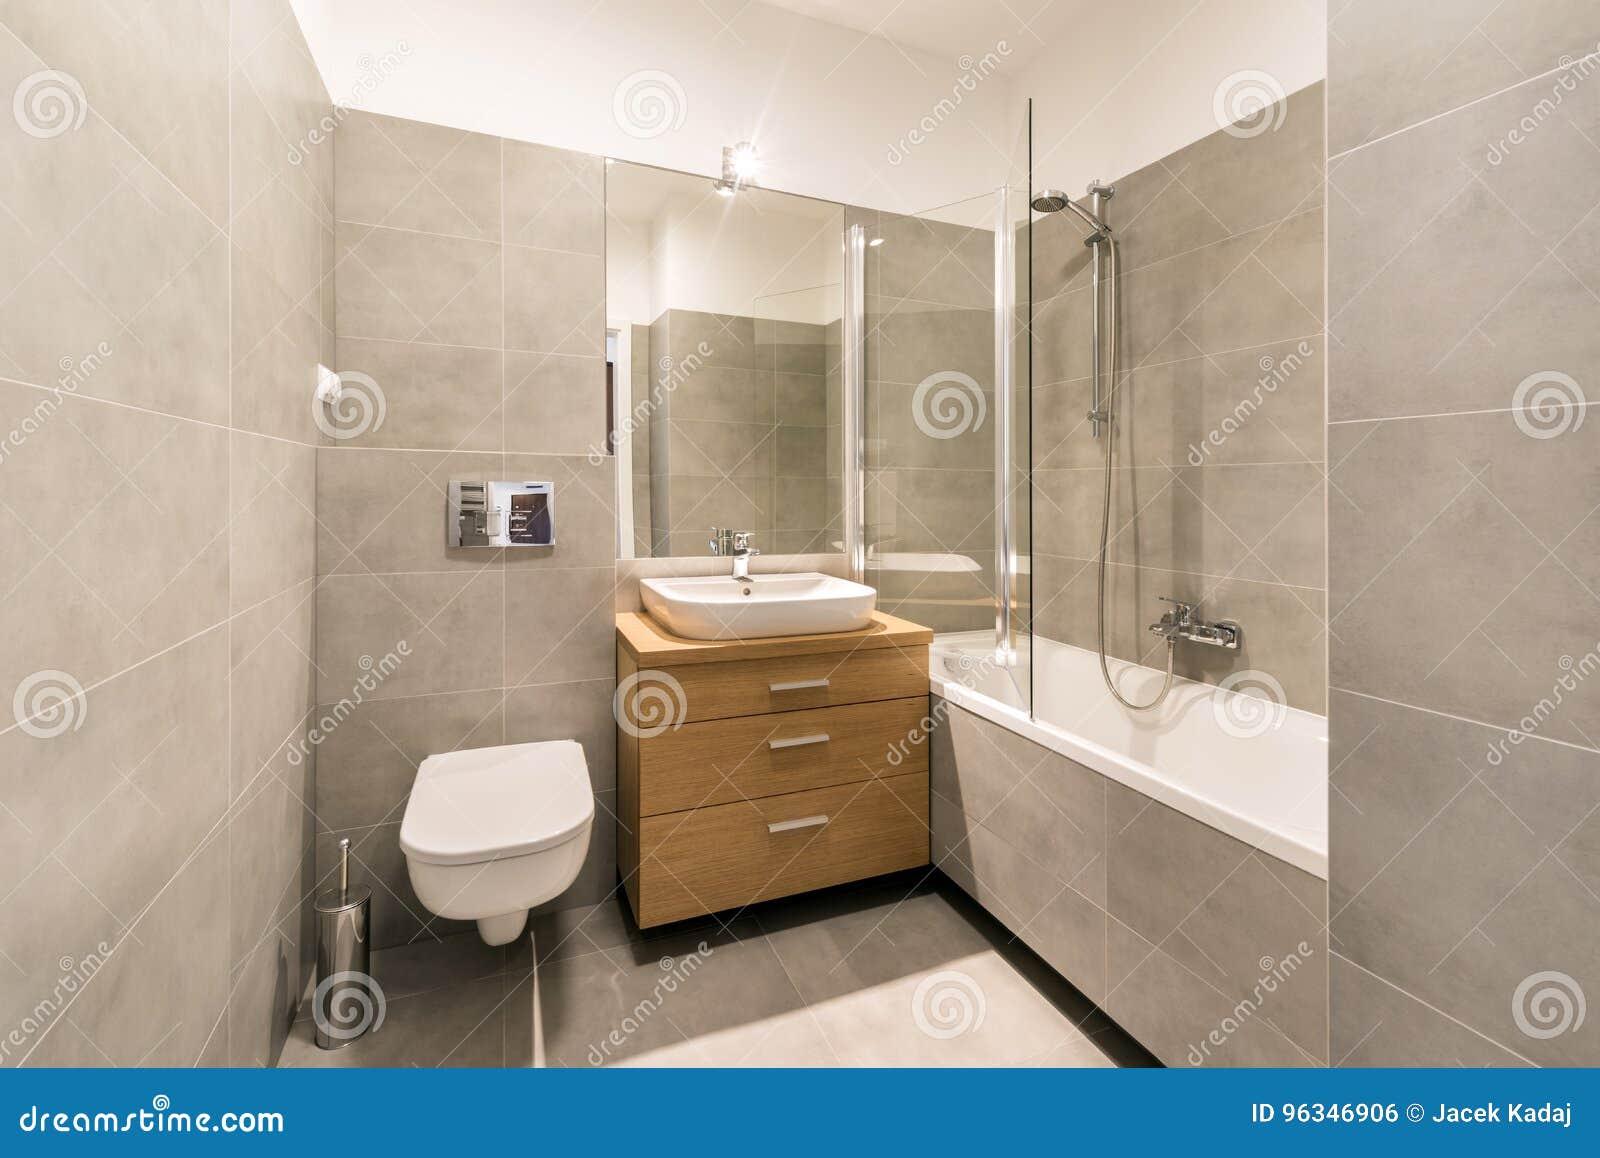 Modernes Badezimmer Mit Fliesen Auf Dem Boden Stockfoto ...